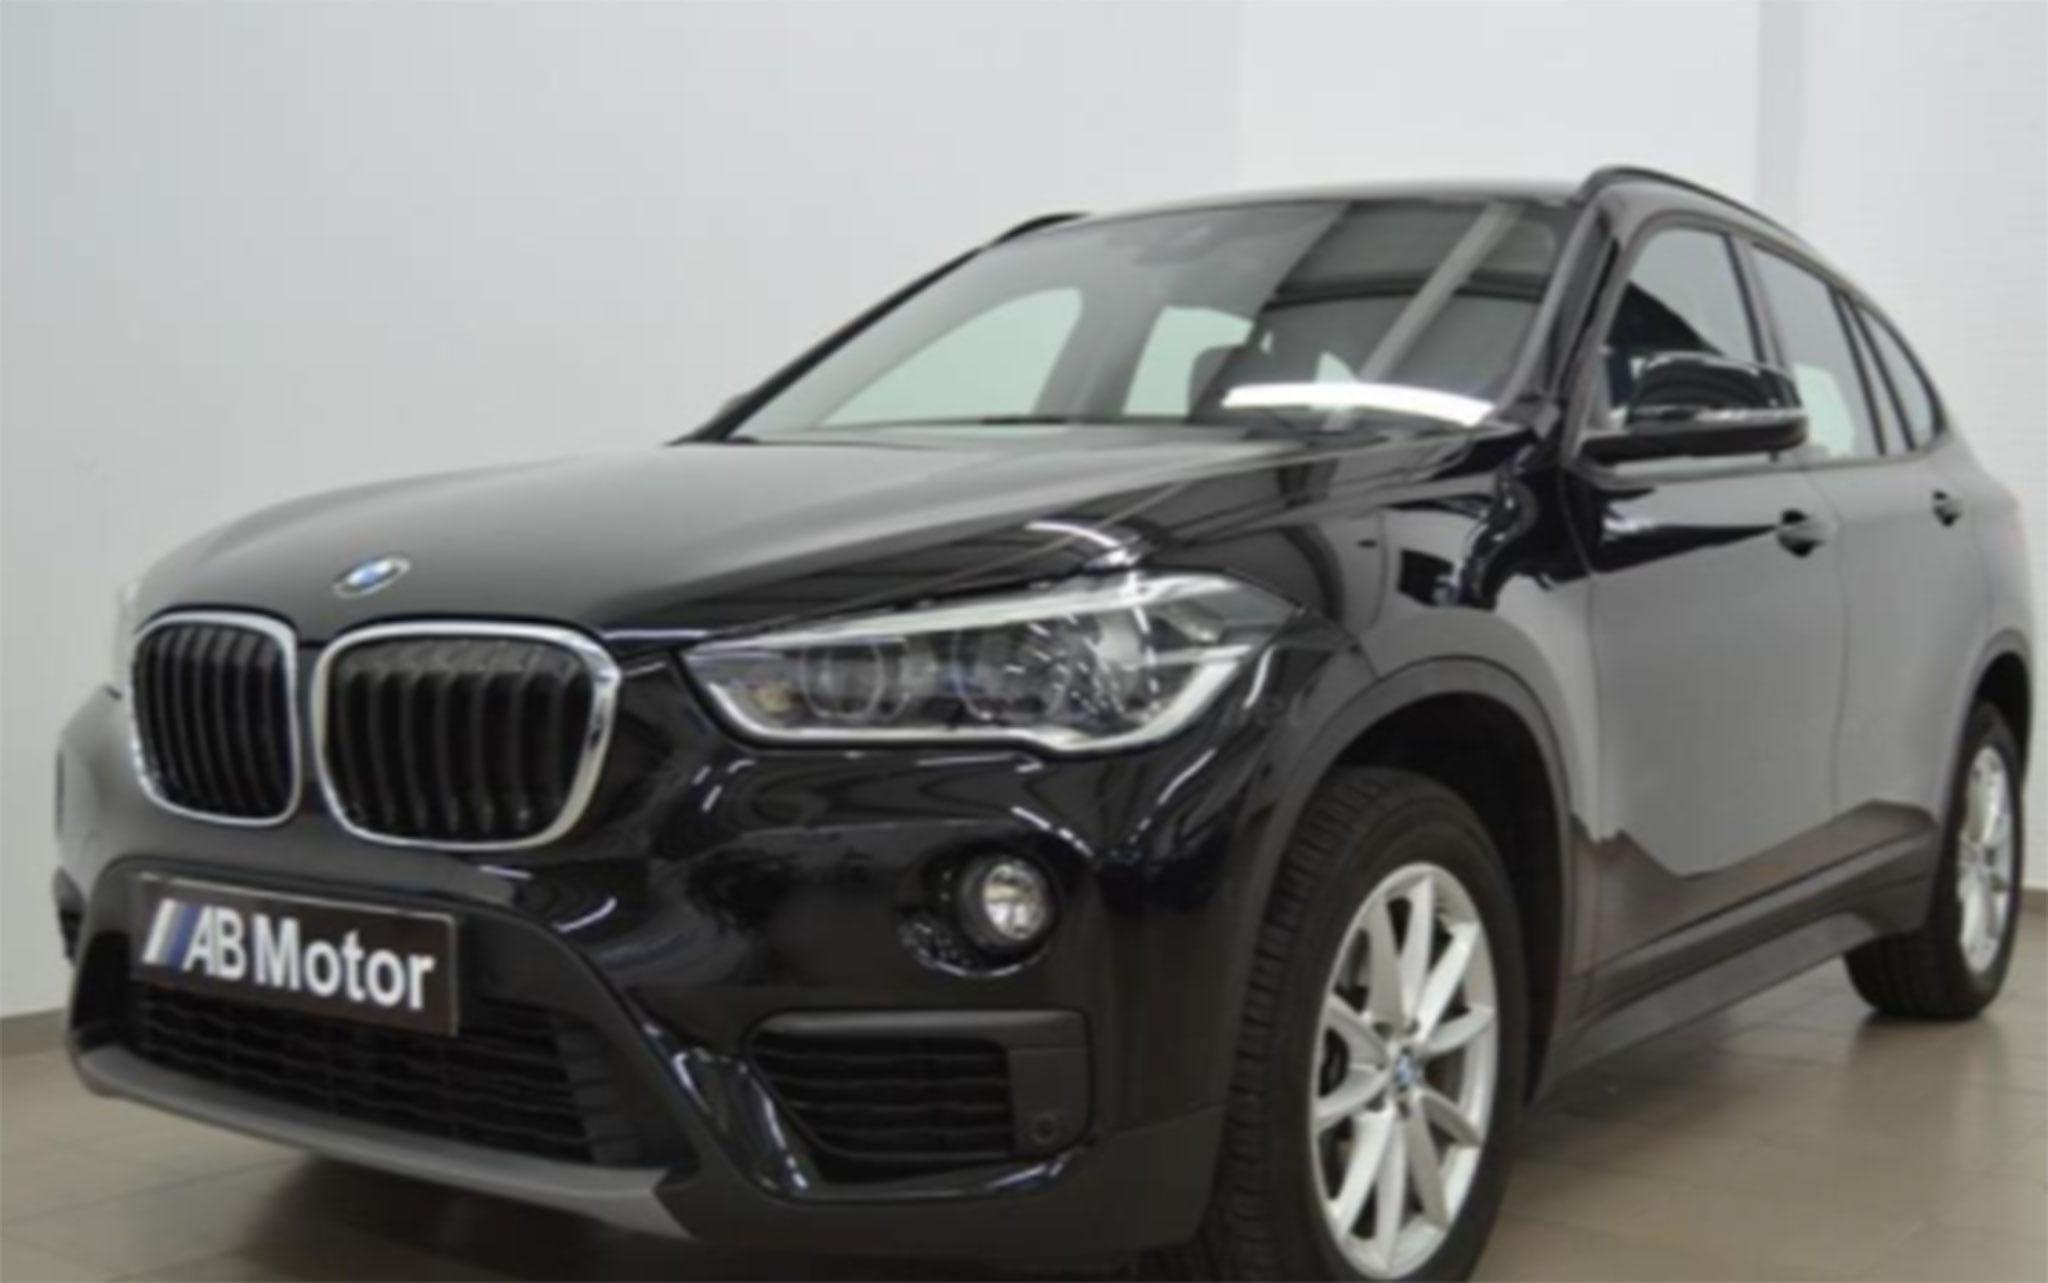 BMW X1 sDrive18dA 5p.-AB Motor